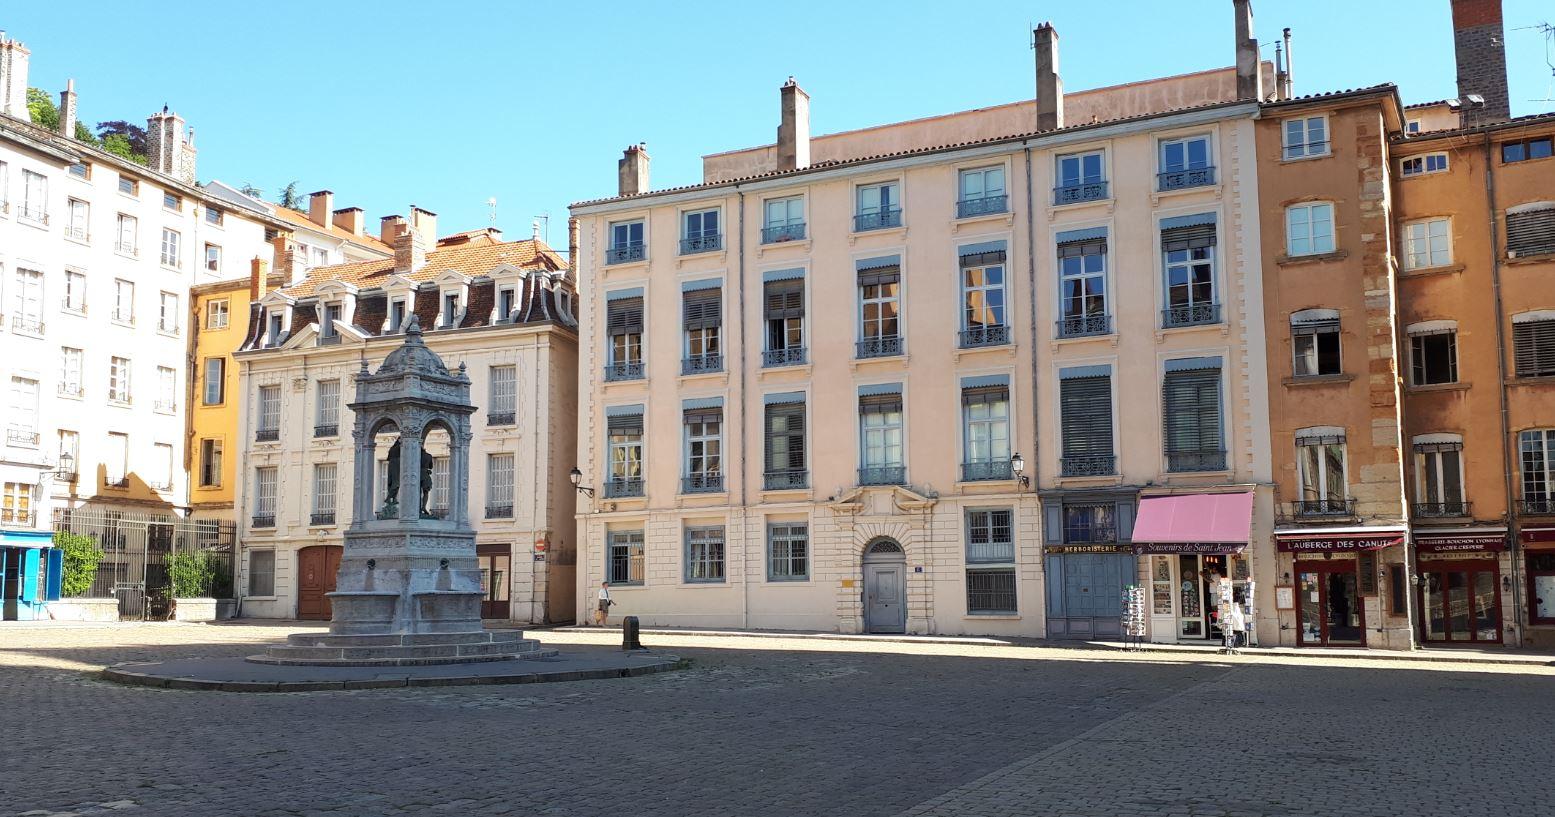 Place Saint-Jean dans le vieux Lyon